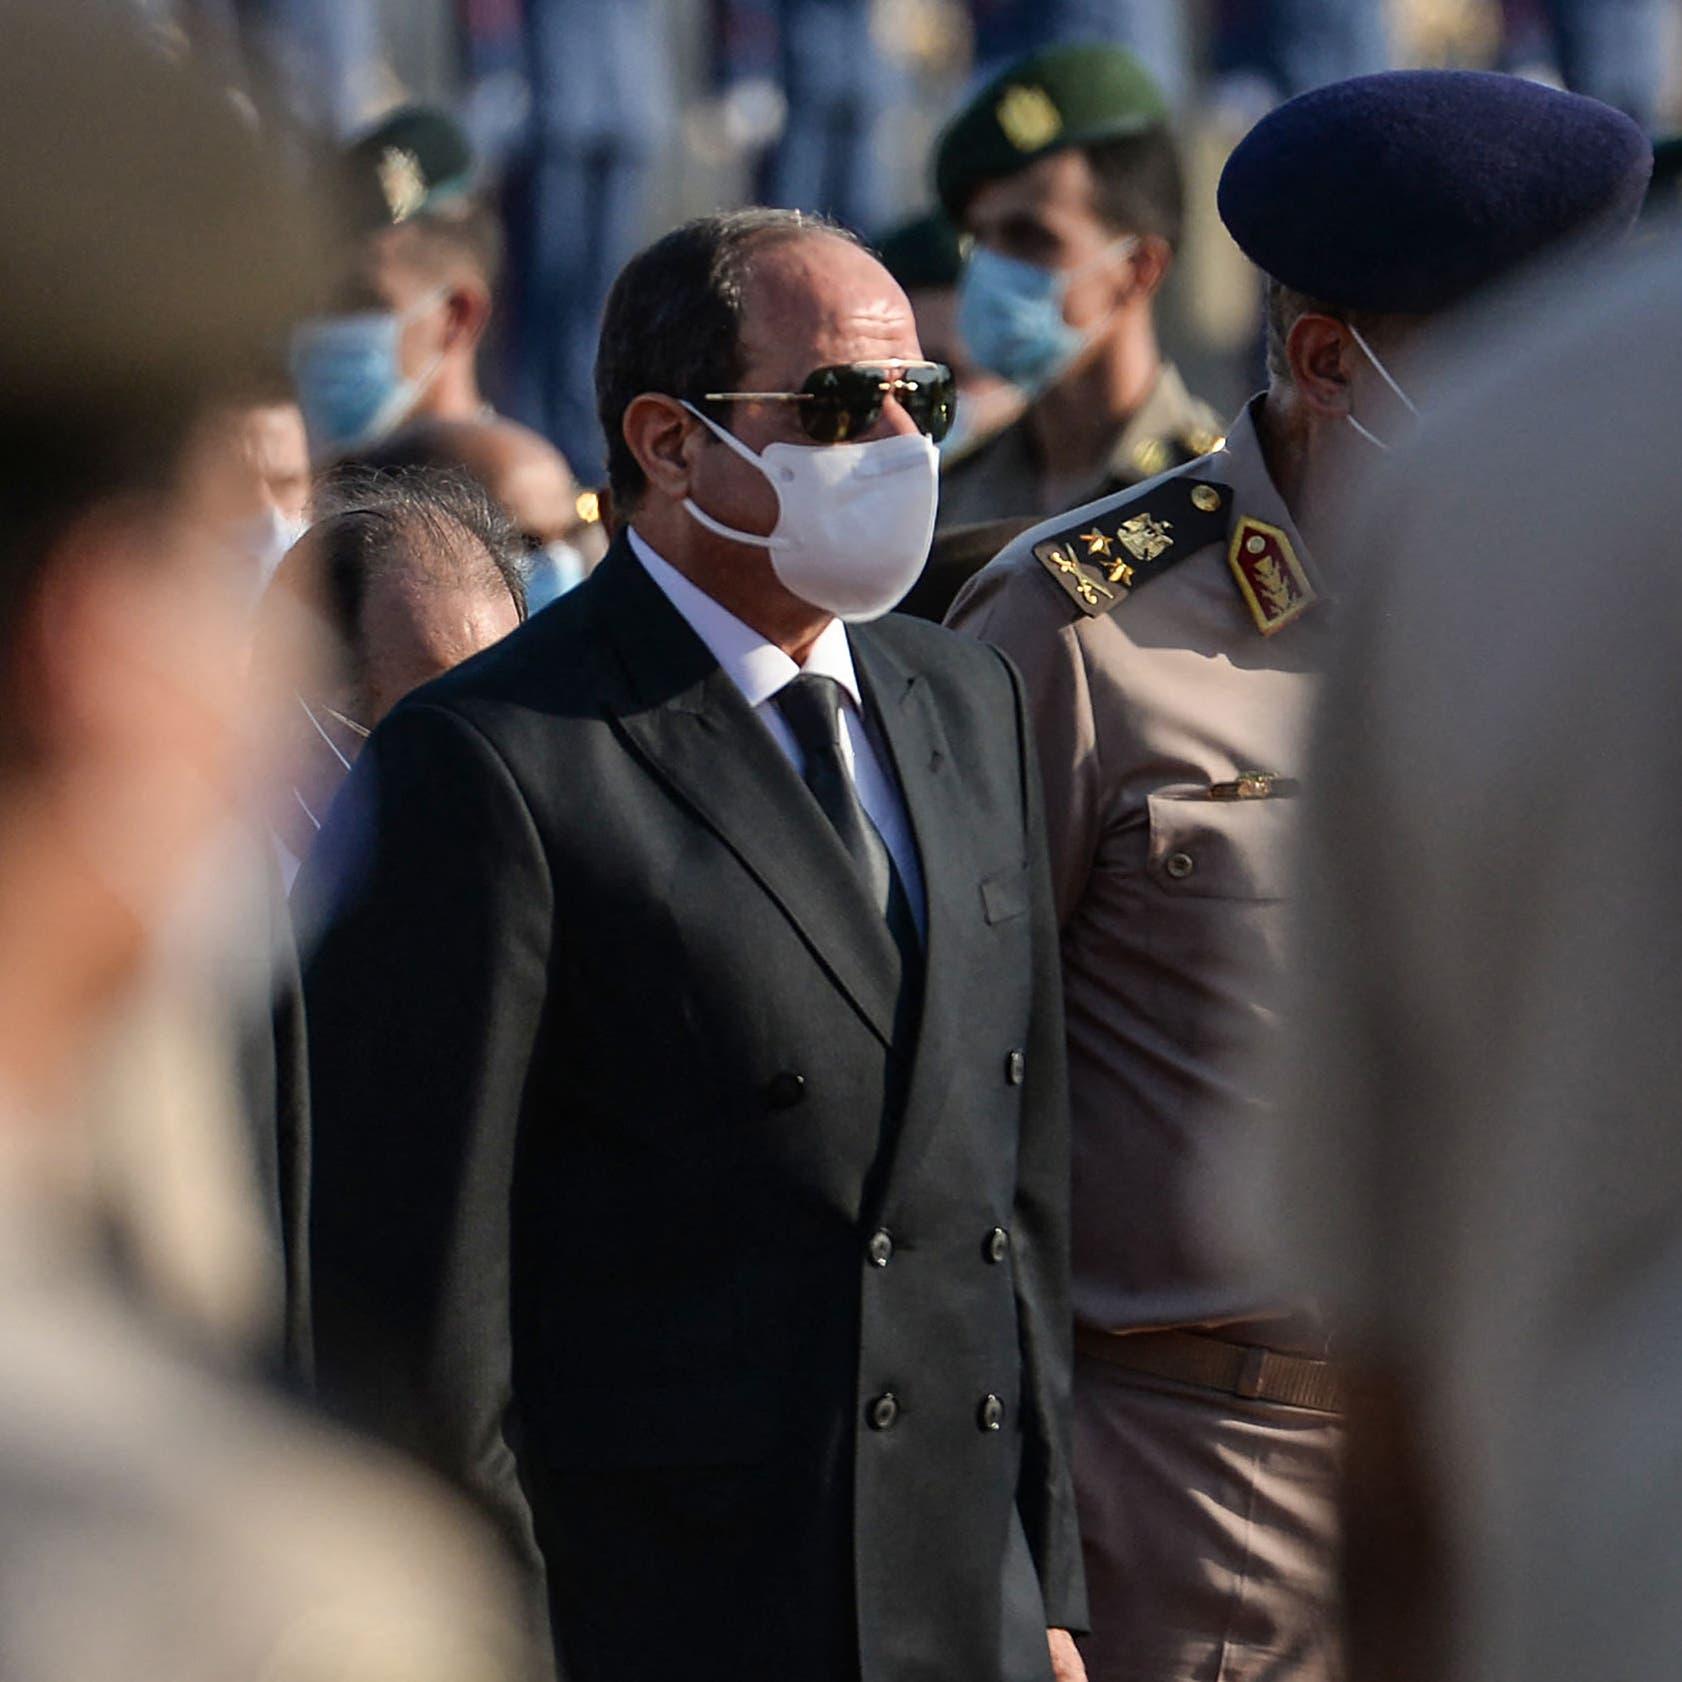 السيسي: الإخوان عنصر ينخر في جسد مصر منذ 90 عاما